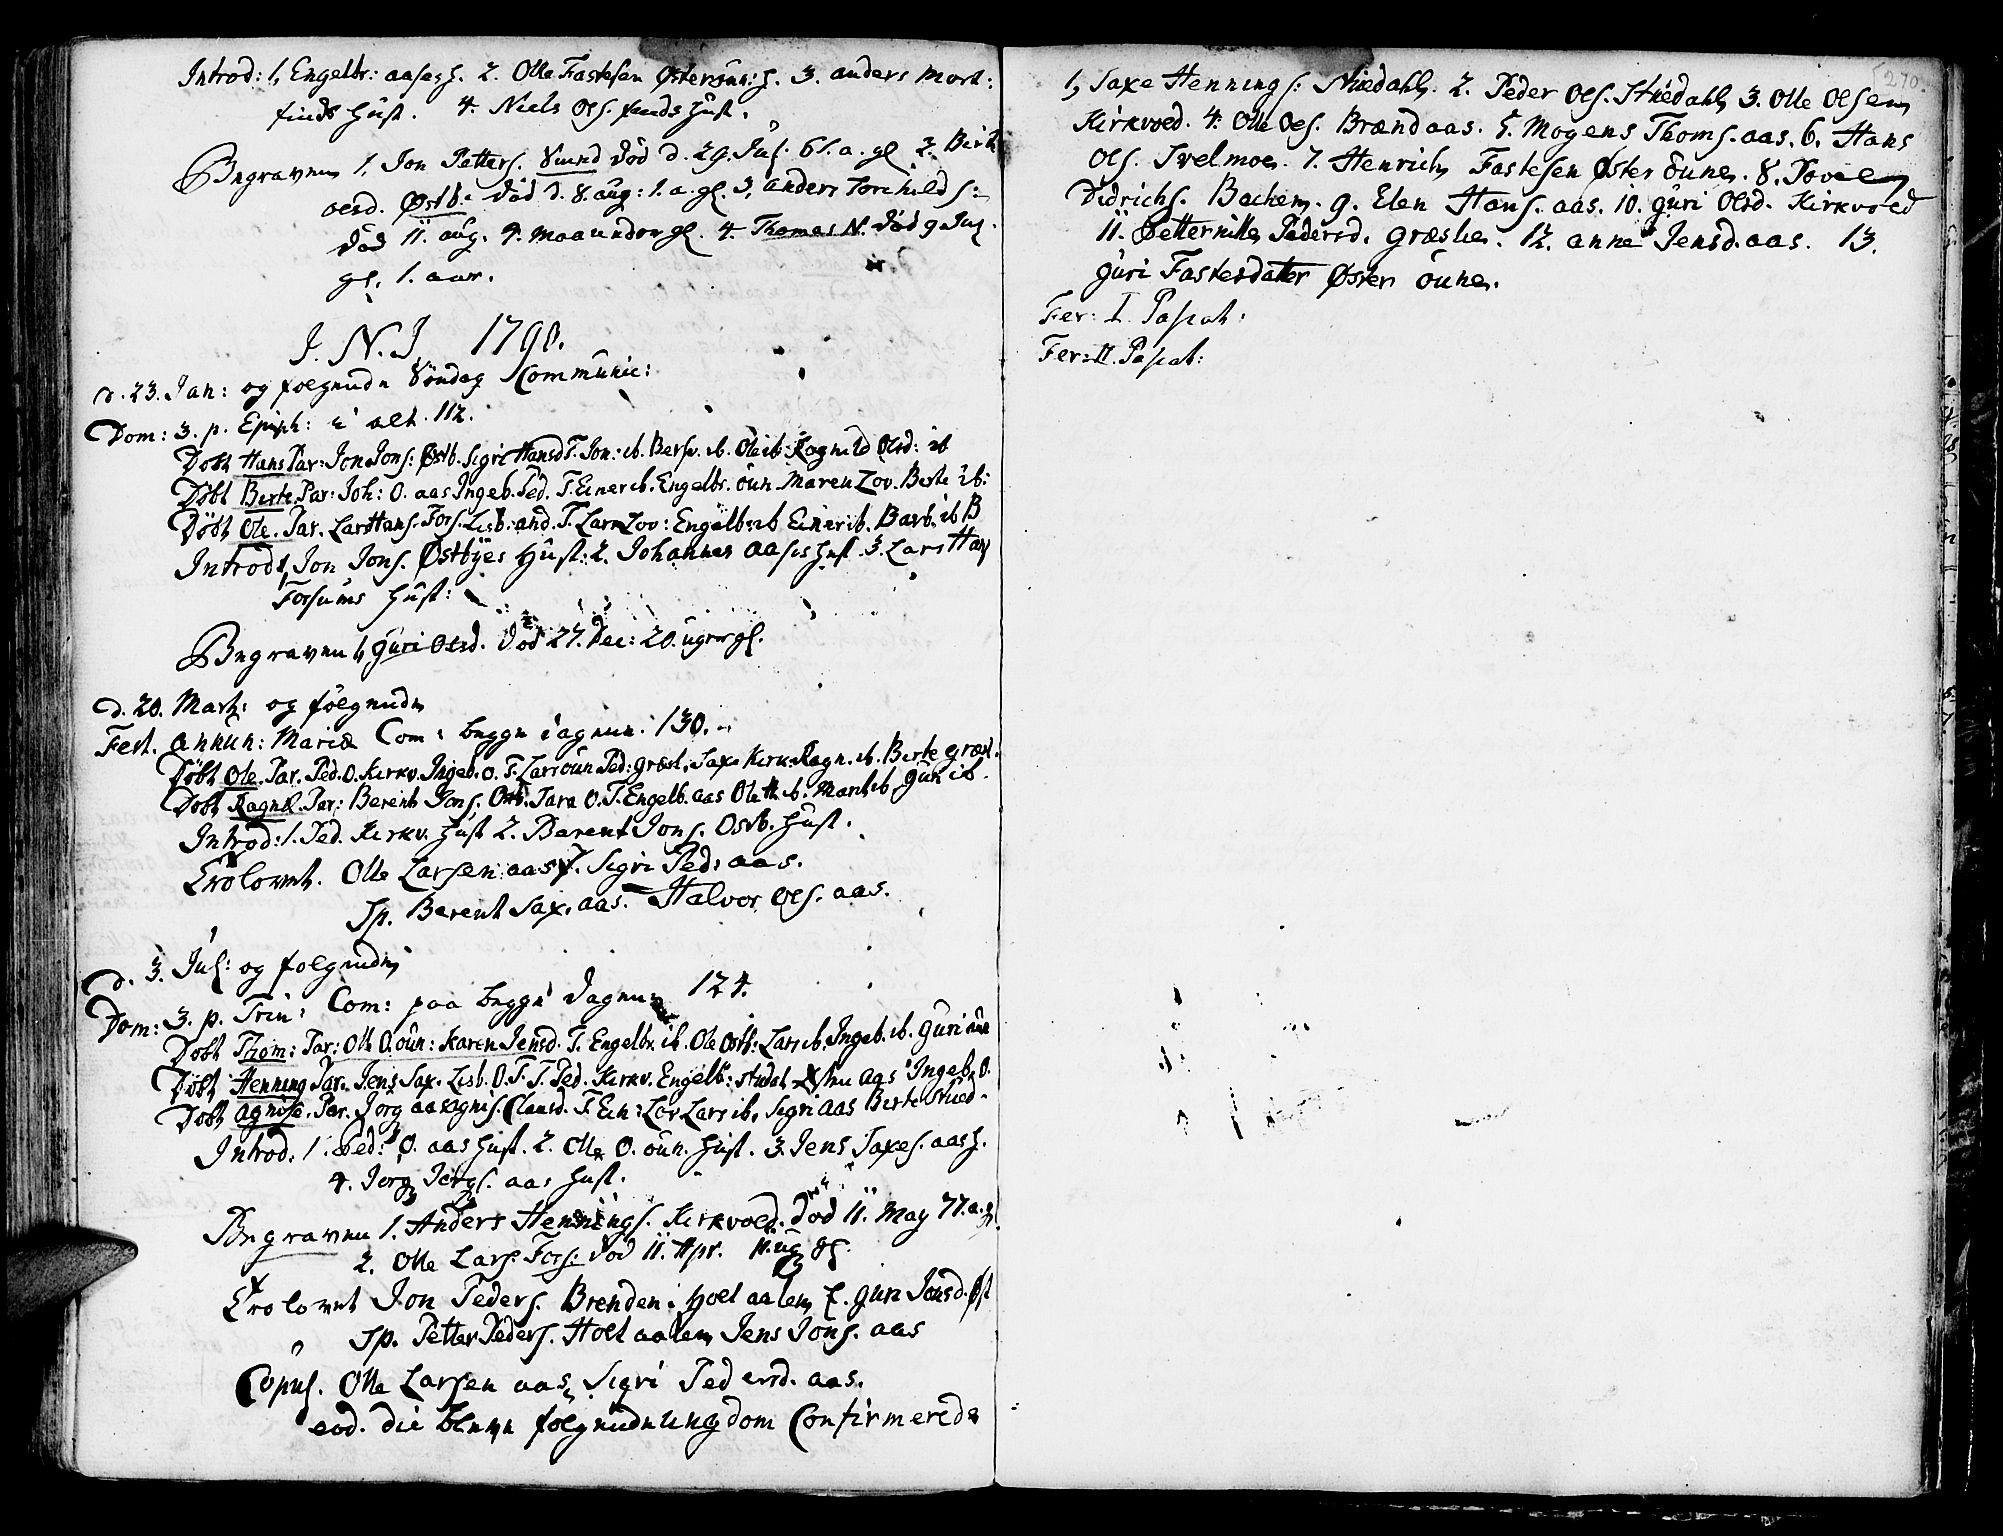 SAT, Ministerialprotokoller, klokkerbøker og fødselsregistre - Sør-Trøndelag, 695/L1139: Ministerialbok nr. 695A02 /2, 1776-1790, s. 270